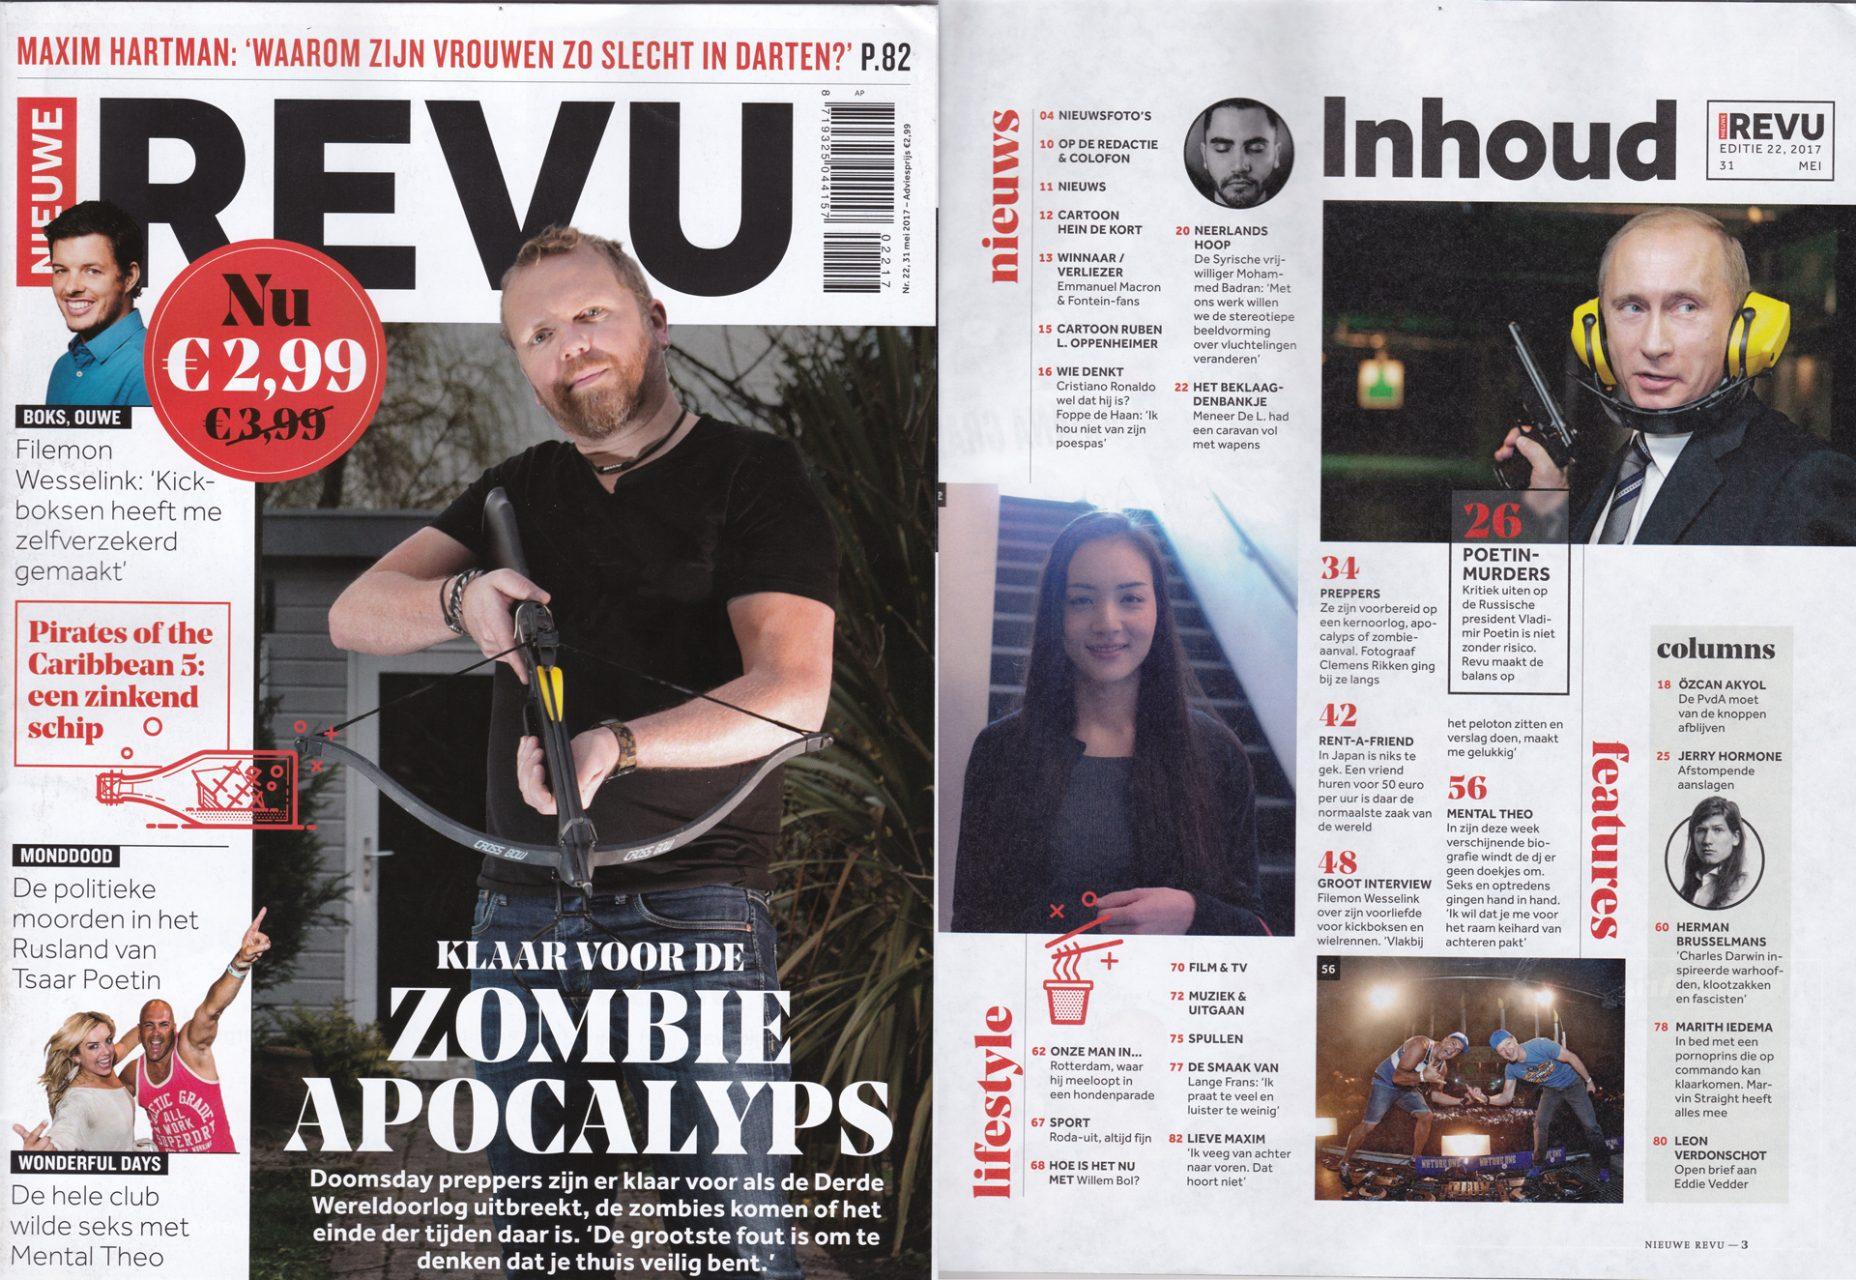 Revu nl magazine u stéphane bureau du colombier